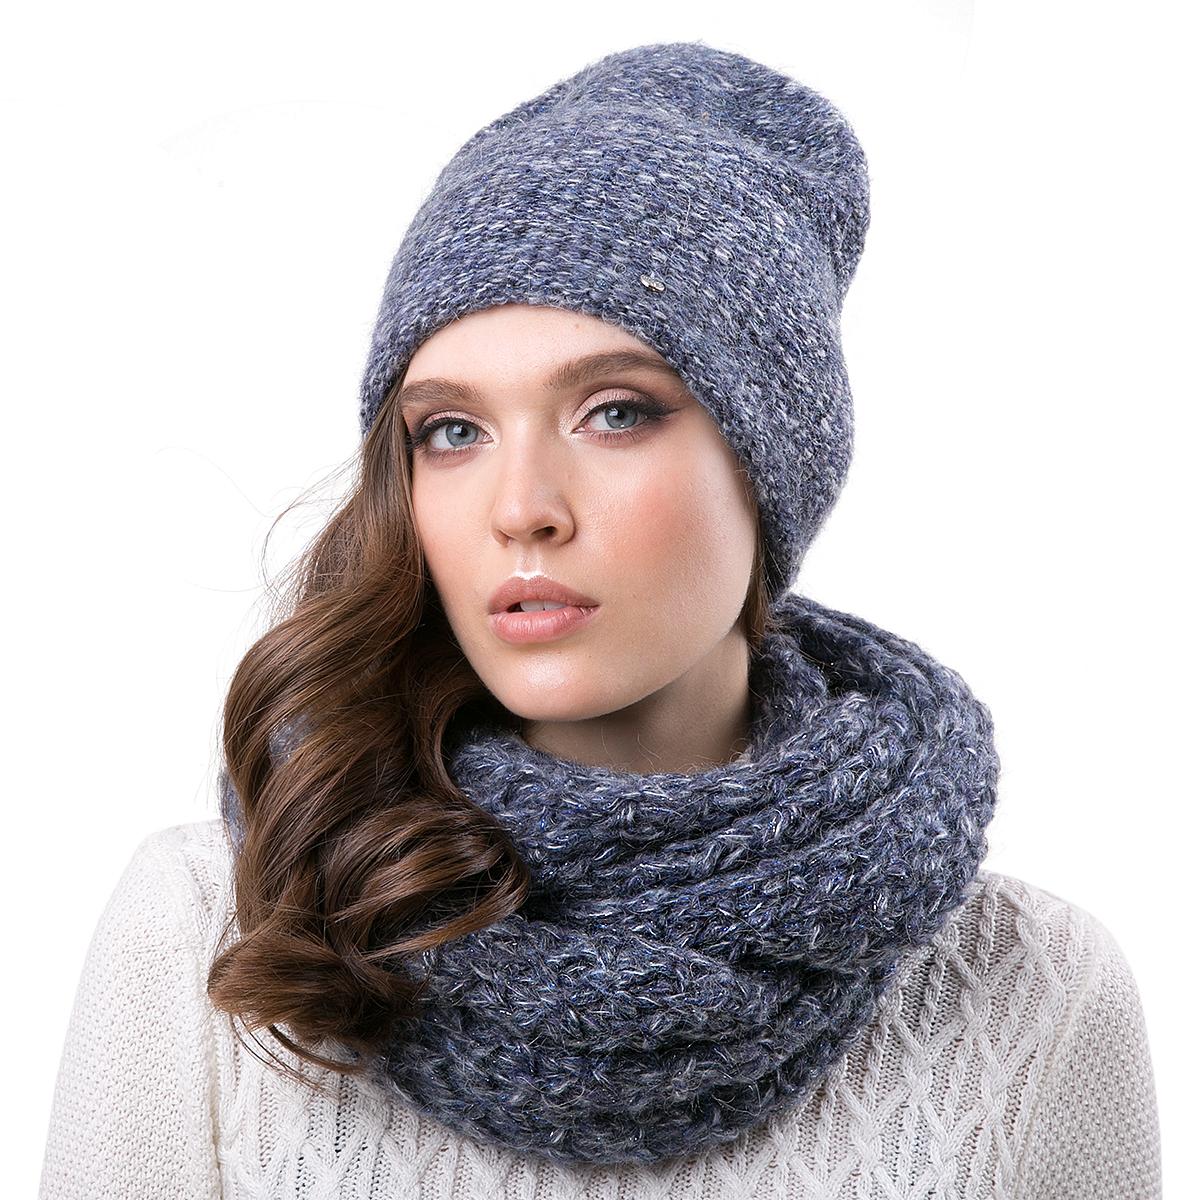 Шапка женская Dispacci, цвет: синий. 21204IR. Размер 56/5821204IRСтильная женская шапка-колпак Dispacci, изготовлена из пряжи с высоким содержанием мохера и шерсти исключительно мягкая, комфортная и теплая. Трехцветное мулине и двухцветная люрексовая нить, делает эту модель наиболее эффектной и не забываемой. Практичная форма шапки делает ее очень комфортной, а маленькая аккуратная металлическая пластина с названием бренда подчеркивает ее оригинальность.